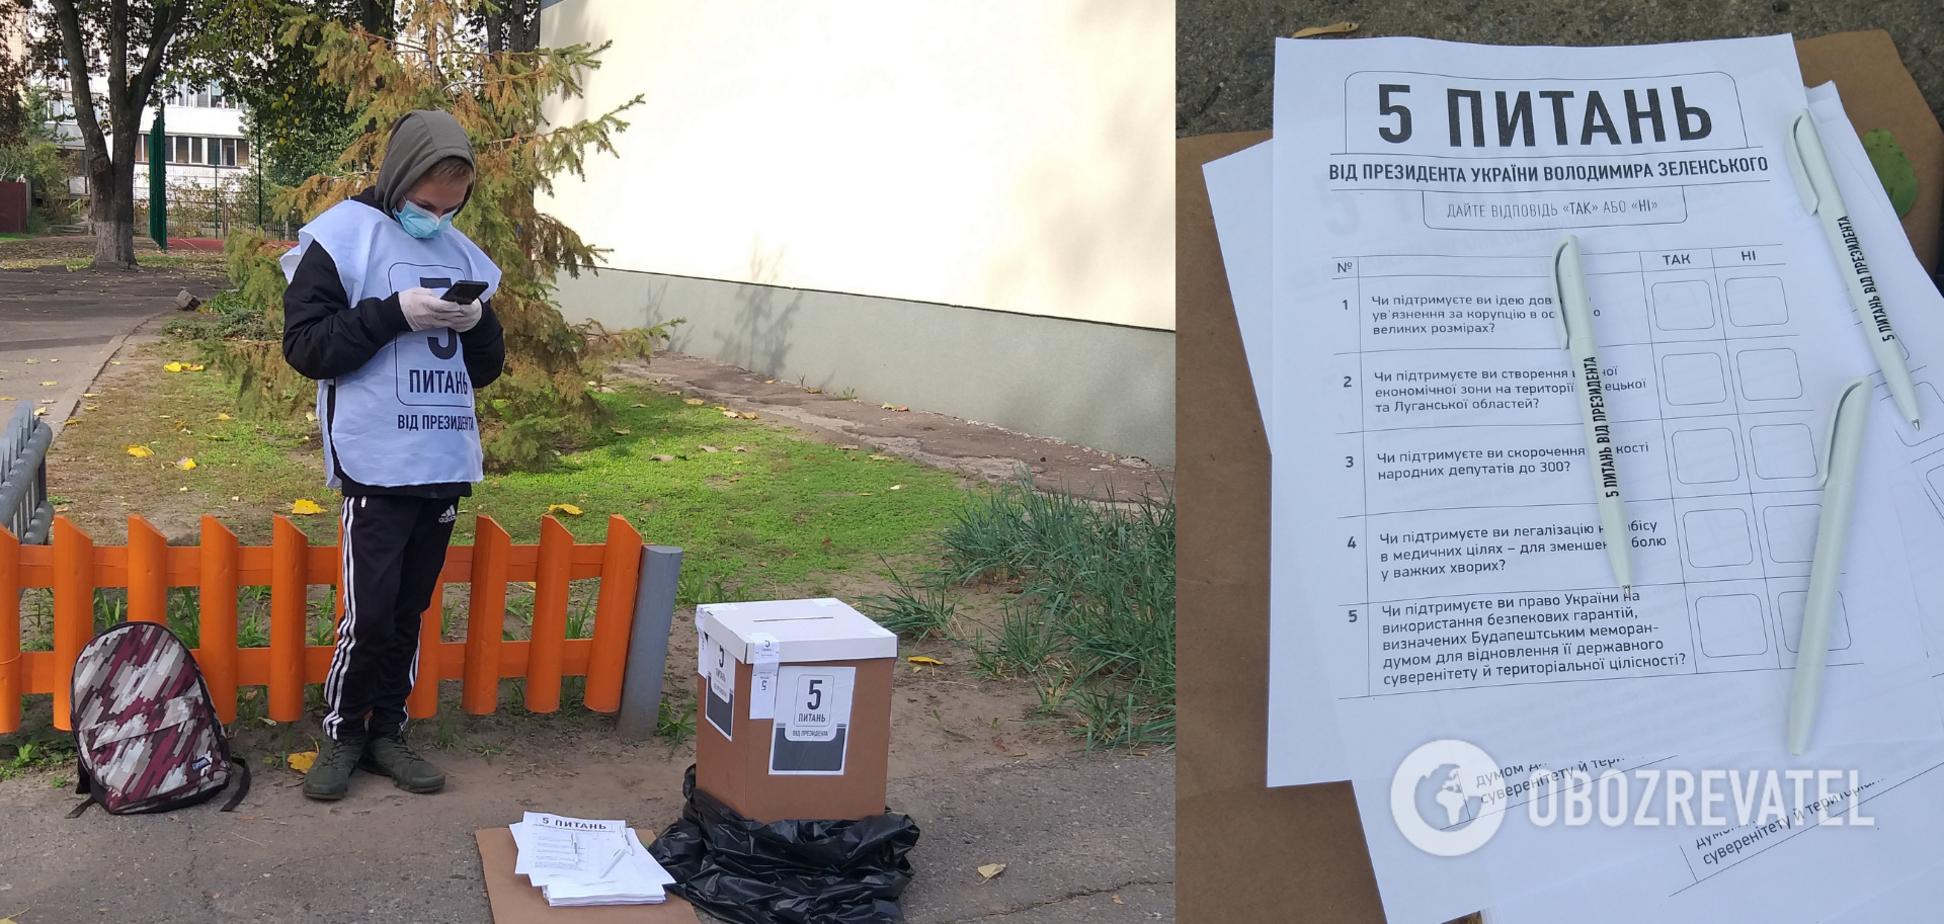 Корниенко пообещал опубликовать результаты опроса Зеленского